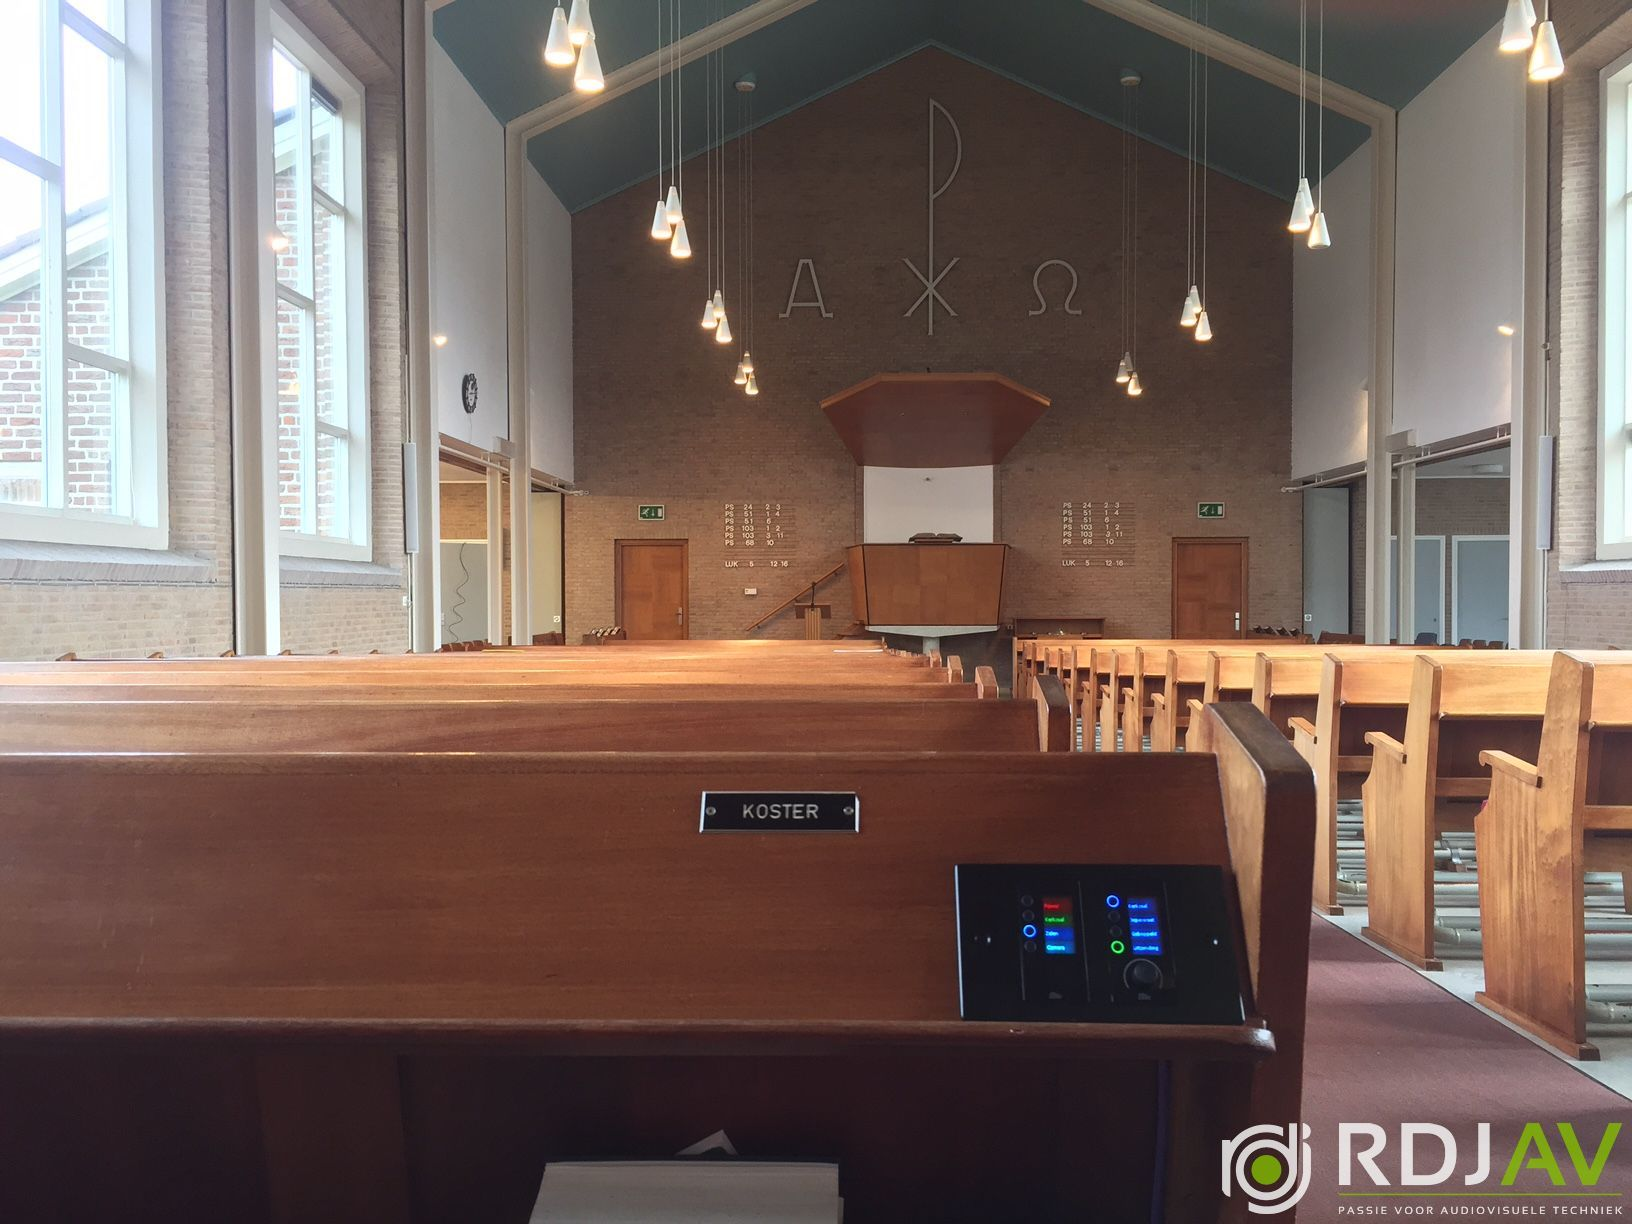 Geluid Sionkerk